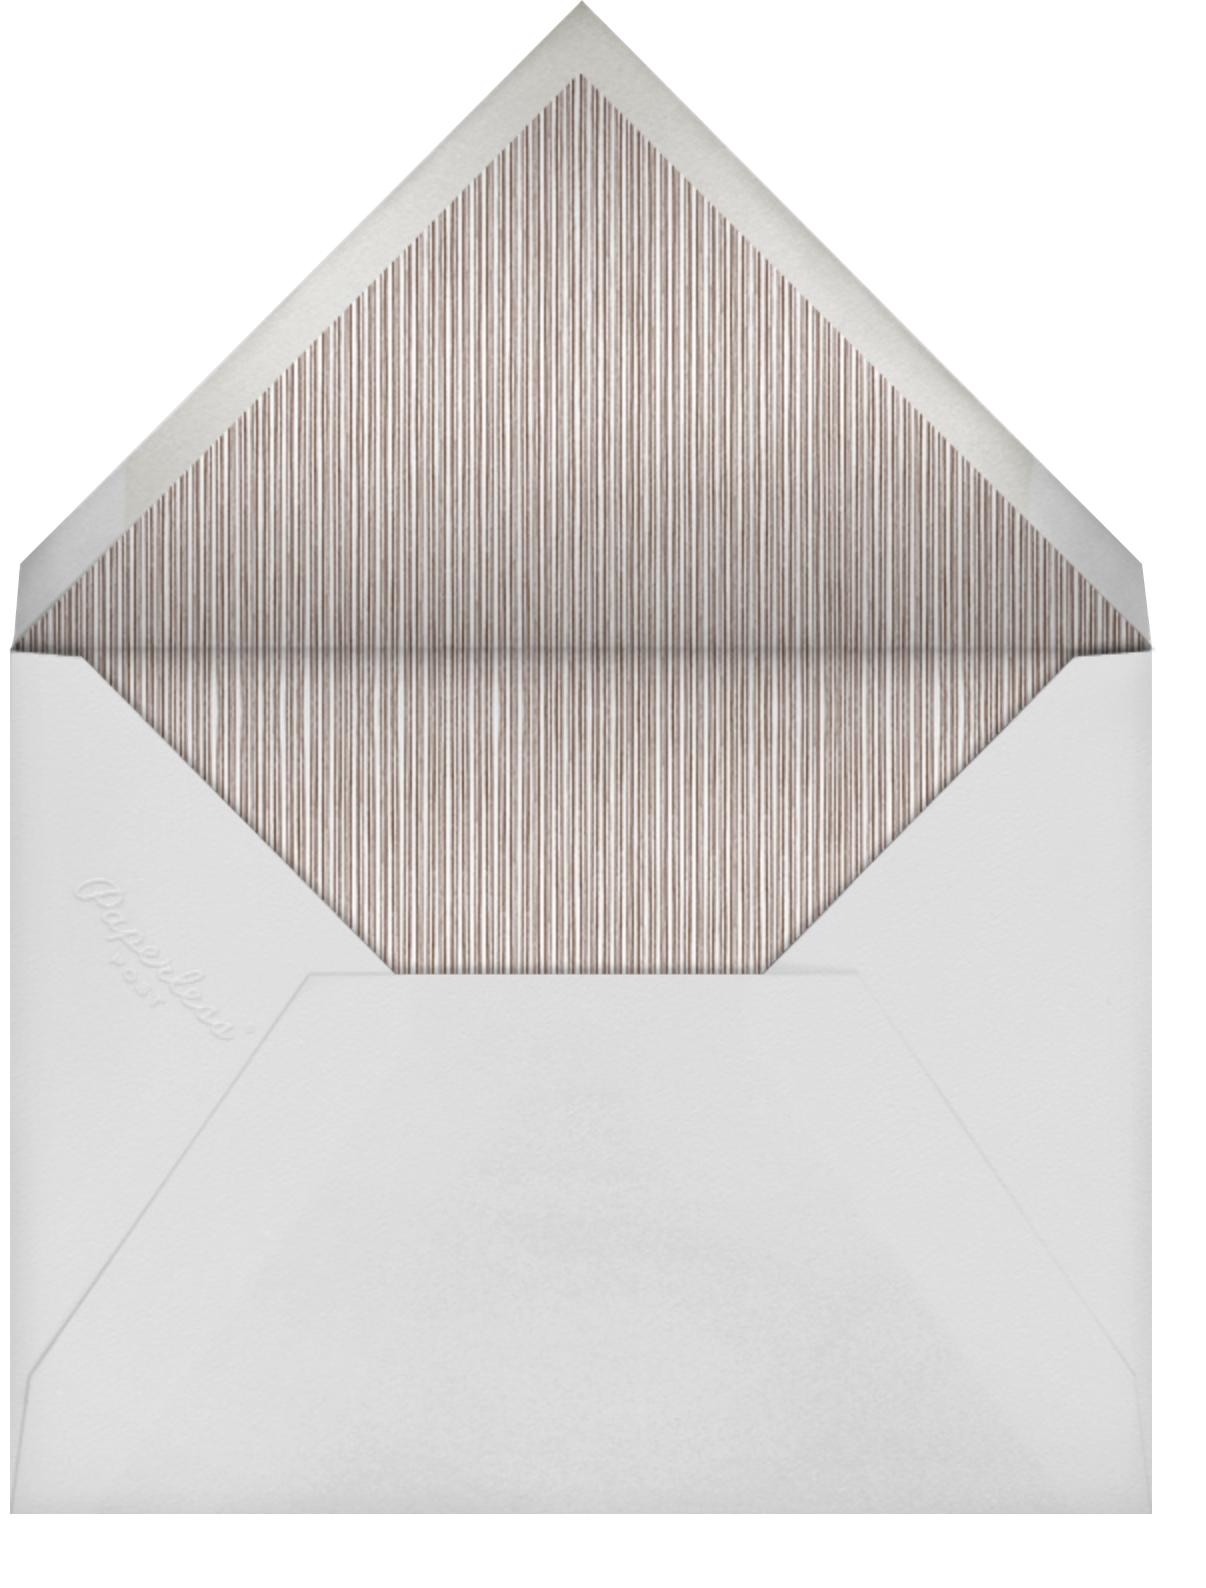 Perugia (Valrhona) - Paperless Post - General entertaining - envelope back